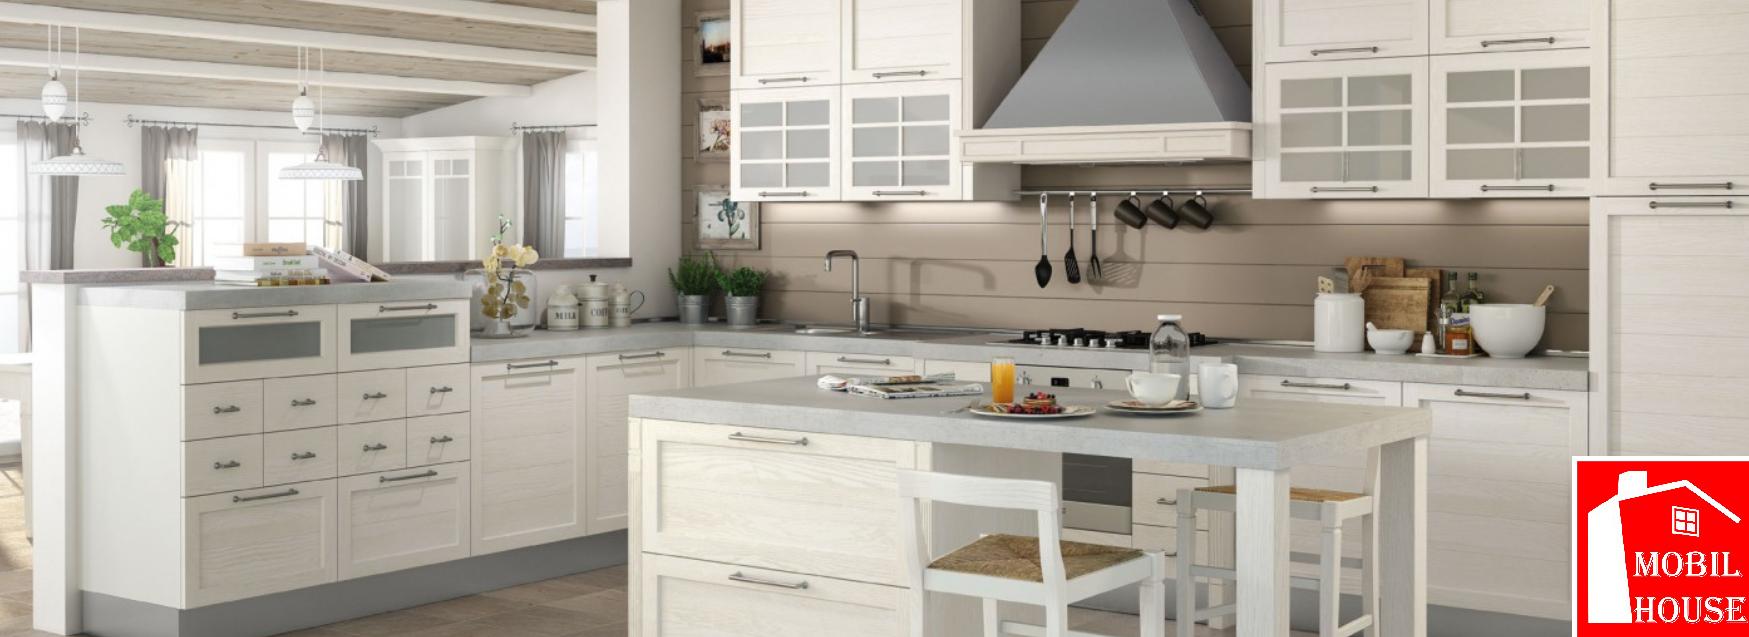 Cucina dover mobil house - Cucine concreta ...